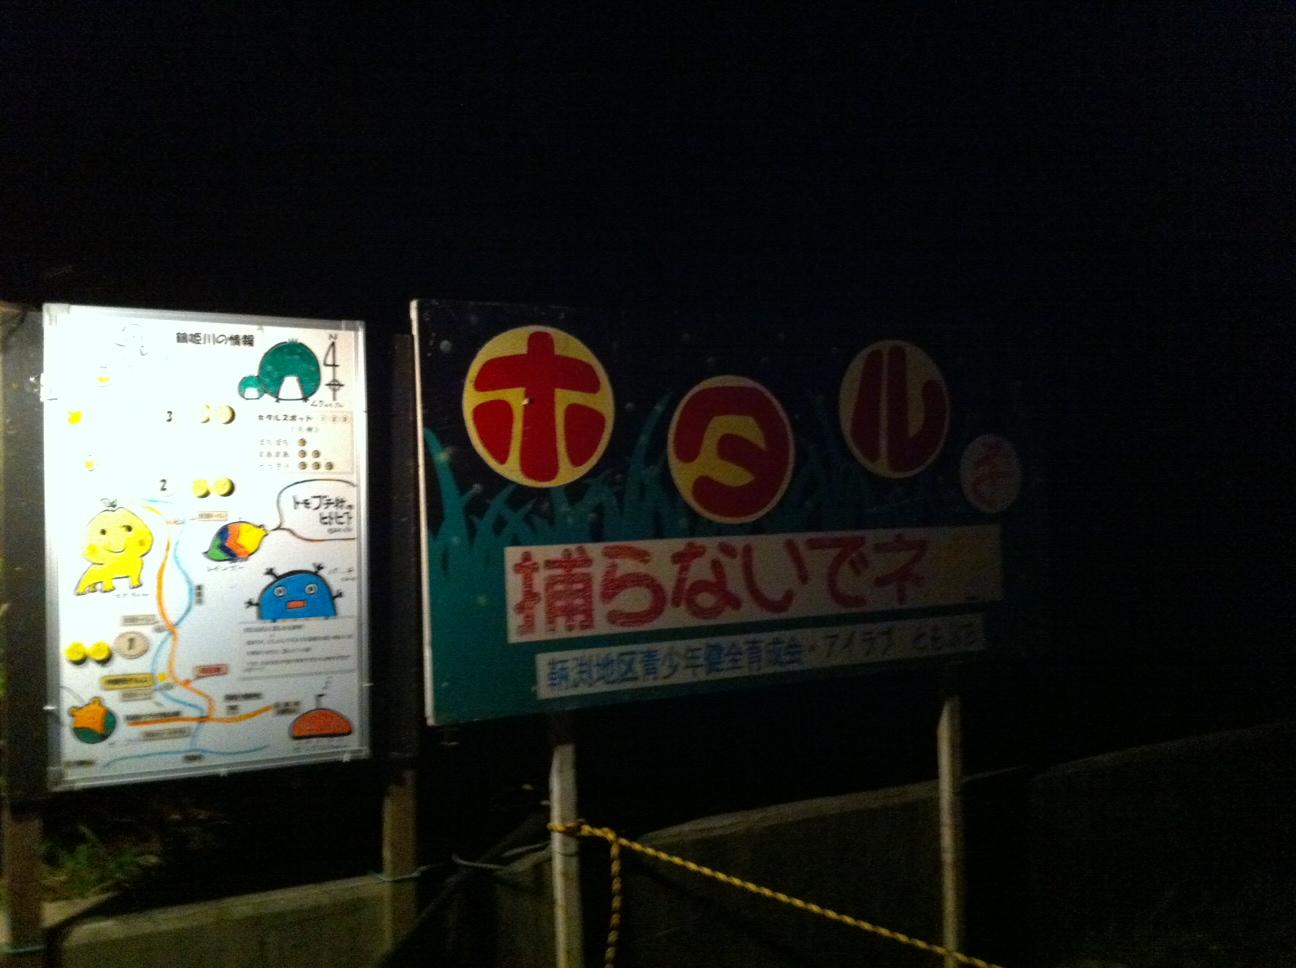 ホタル案内板 鞆渕 京奈和道 かつらぎ